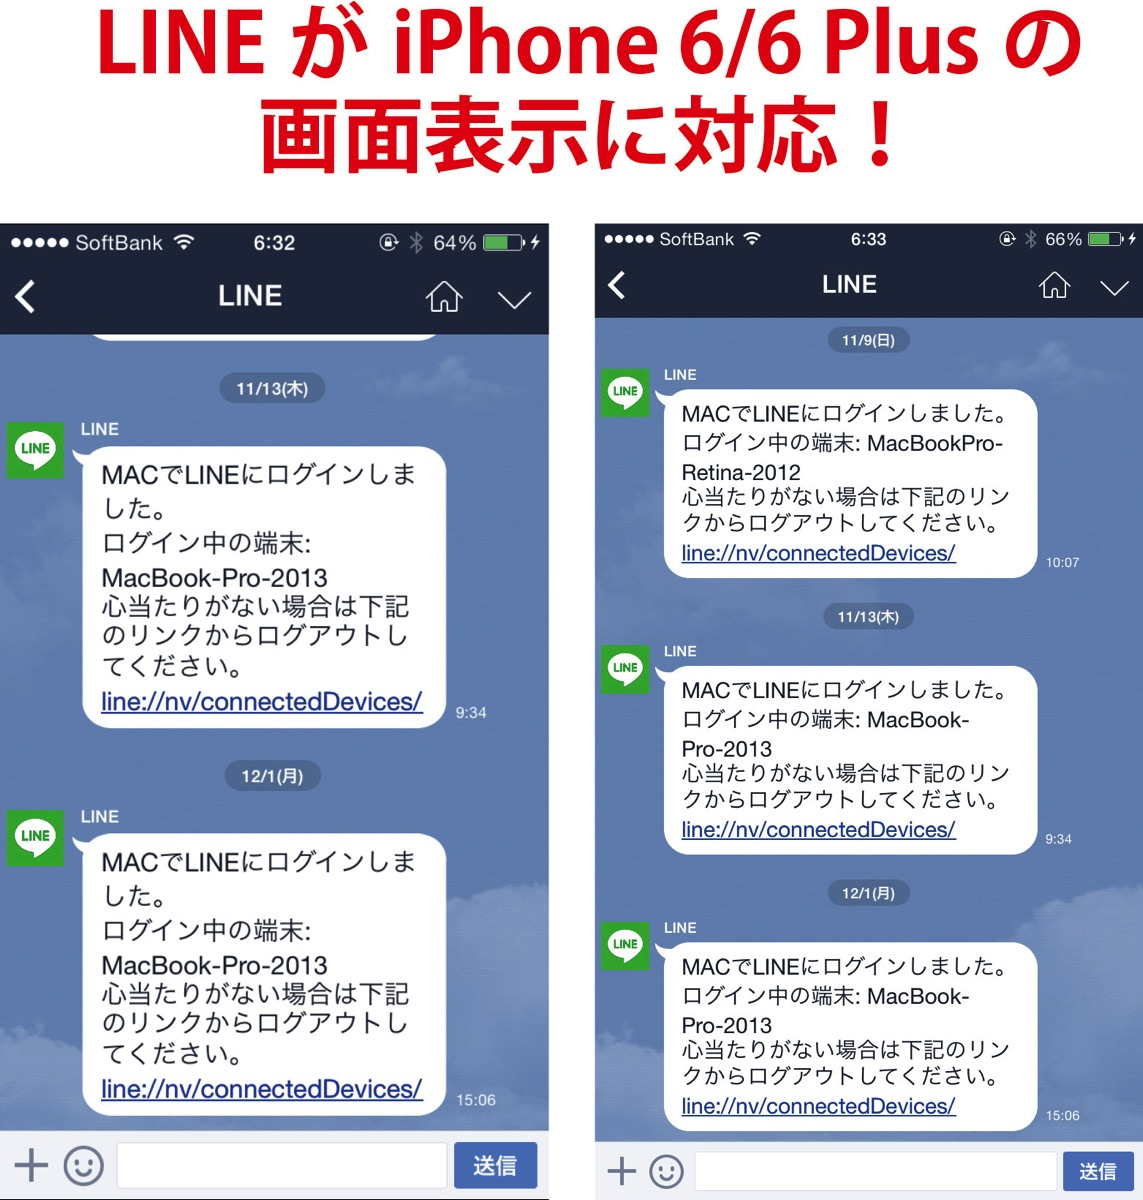 LINE iPhone 6/6 Plusに最適化